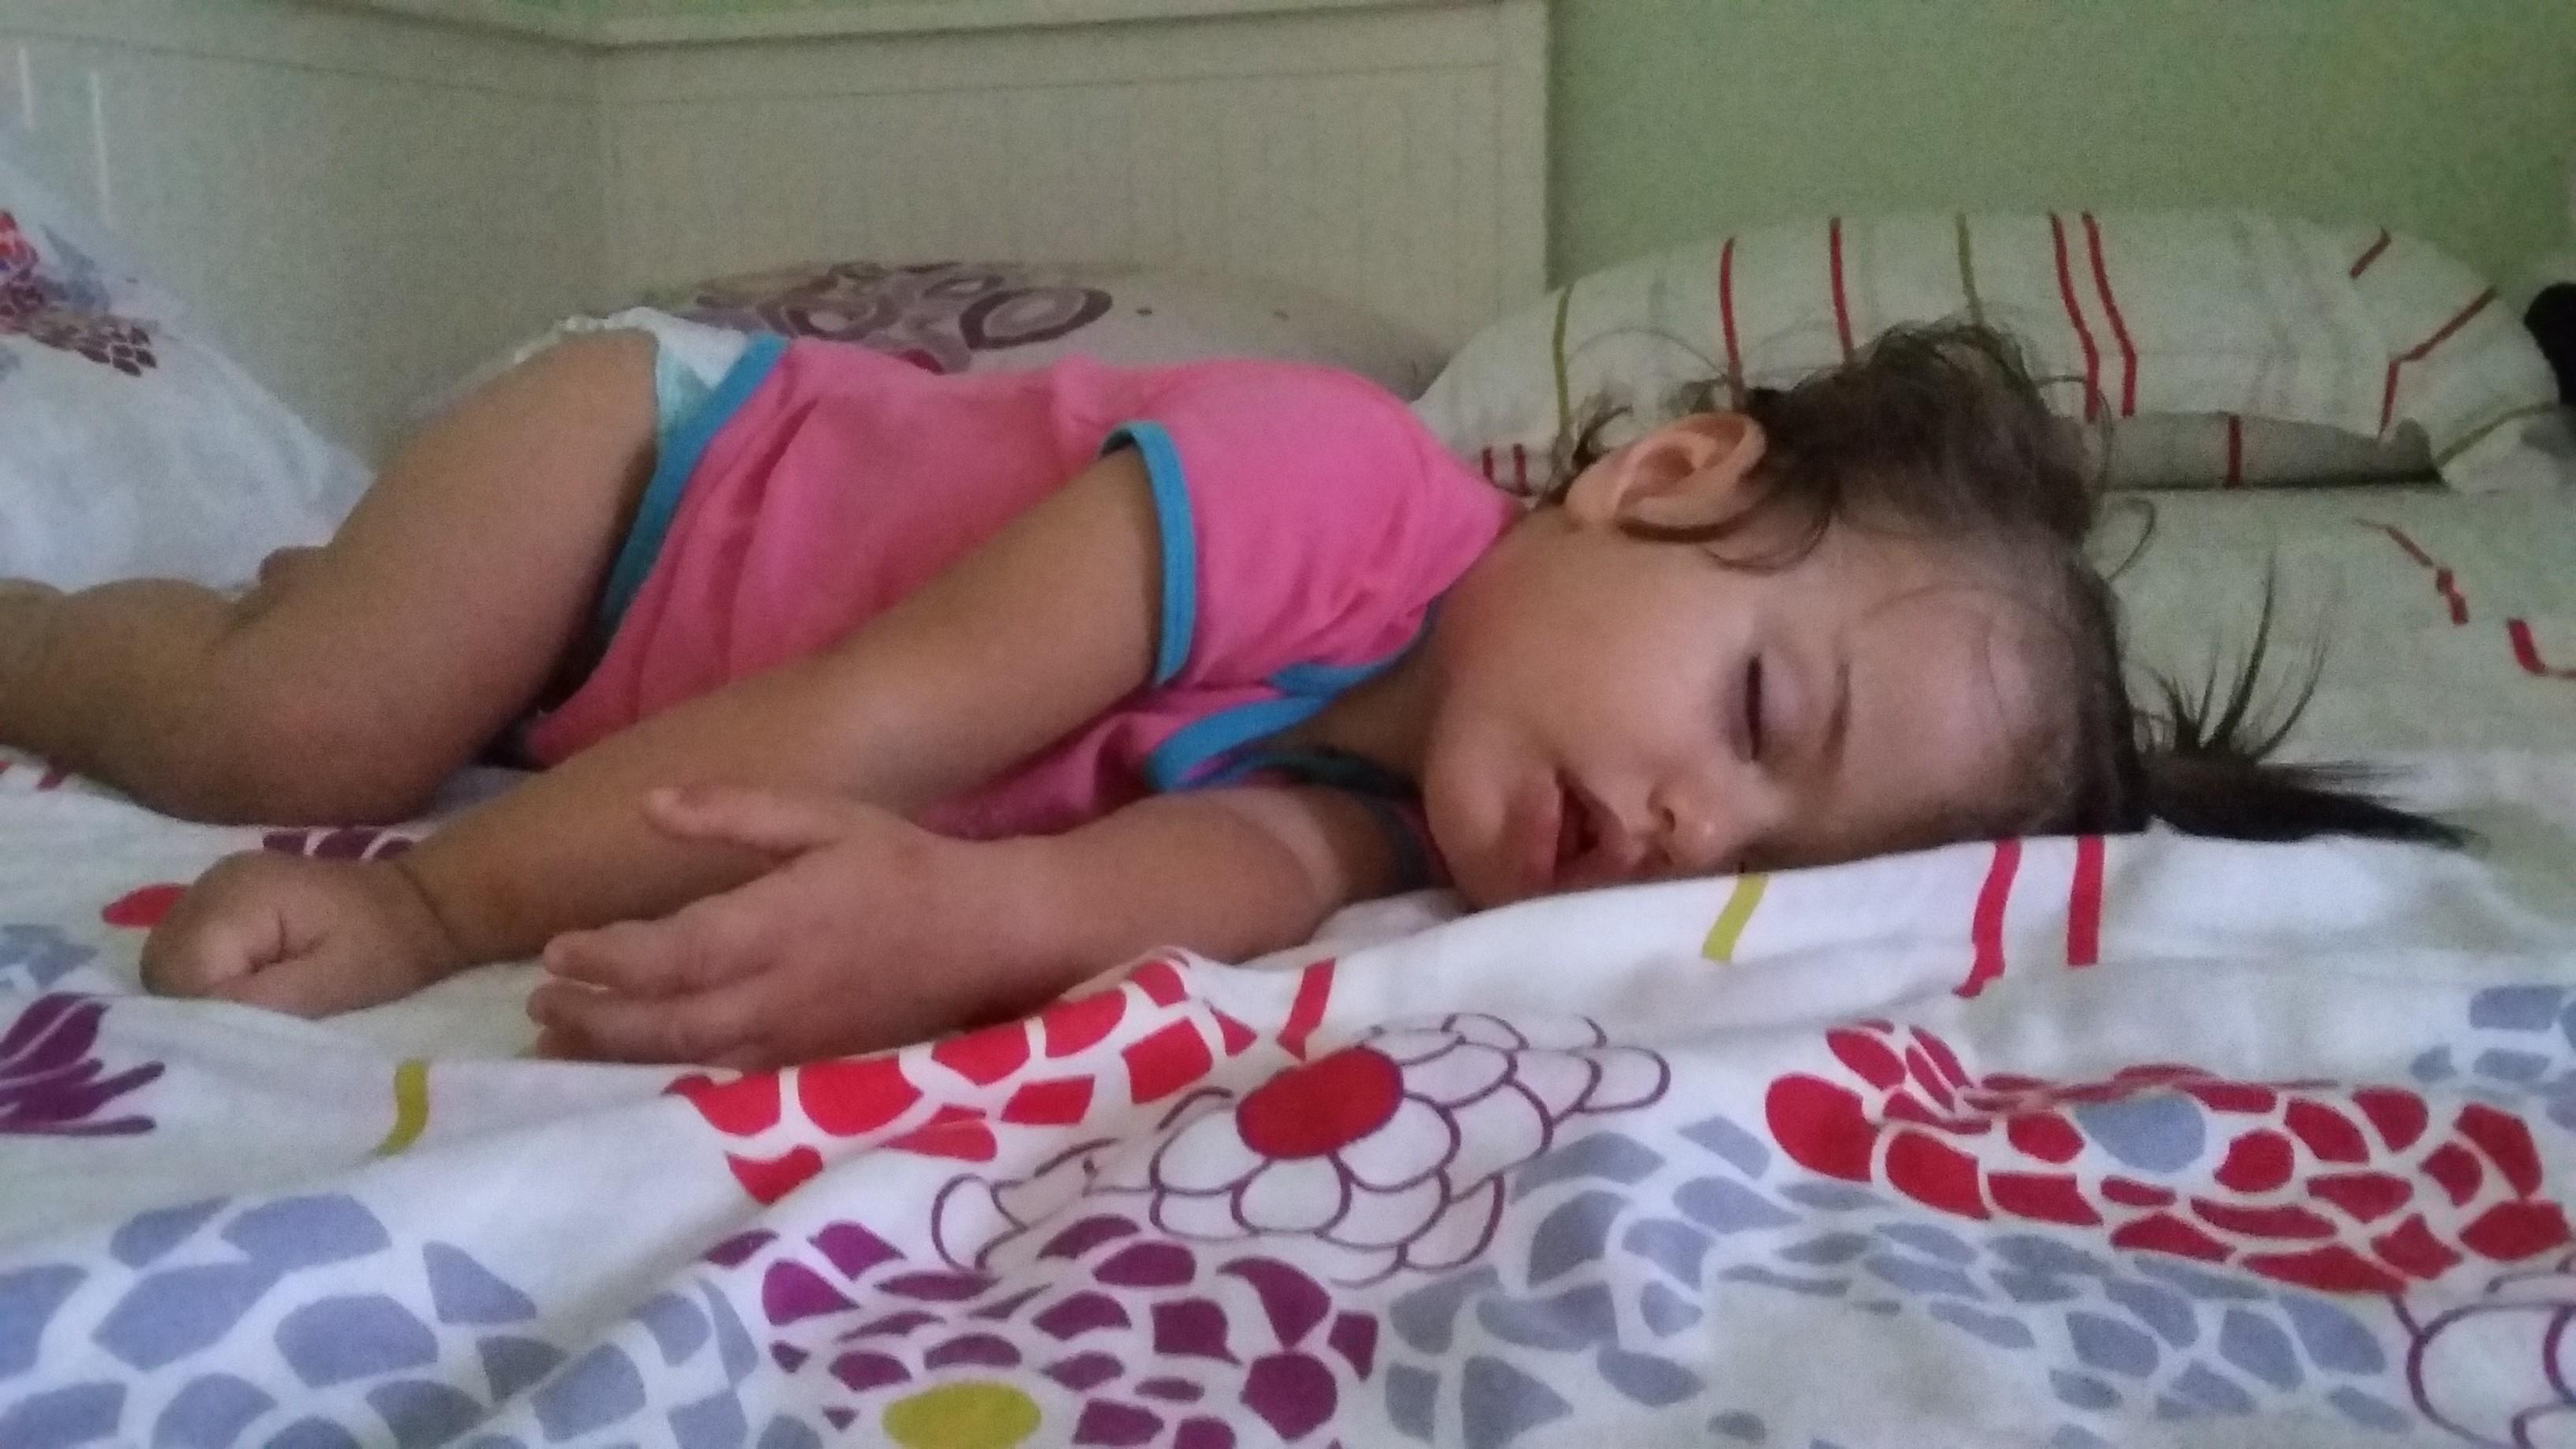 Bir IK'cı Gözüyle Uyku Eğitimi